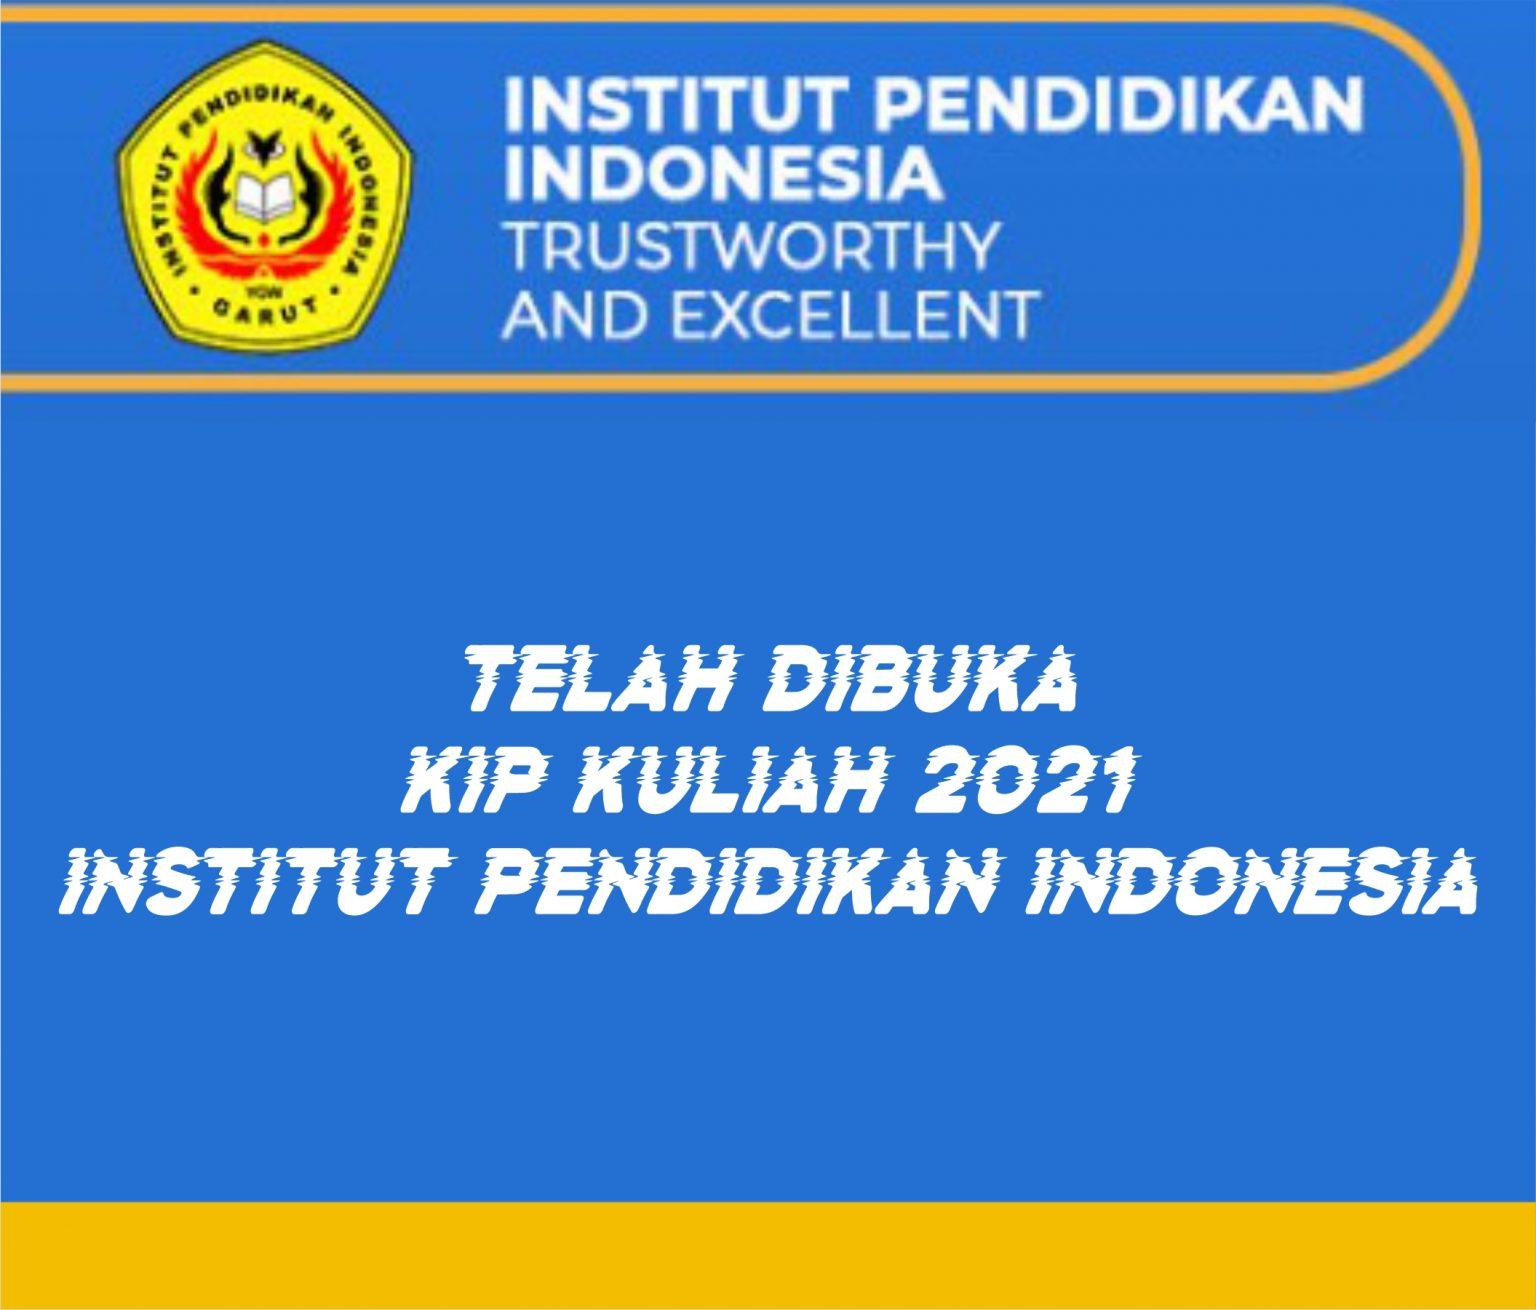 TELAH DIBUKA PENDAFTARAN KIP Kuliah 2021 INSTITUT PENDIDIKAN INDONESIA